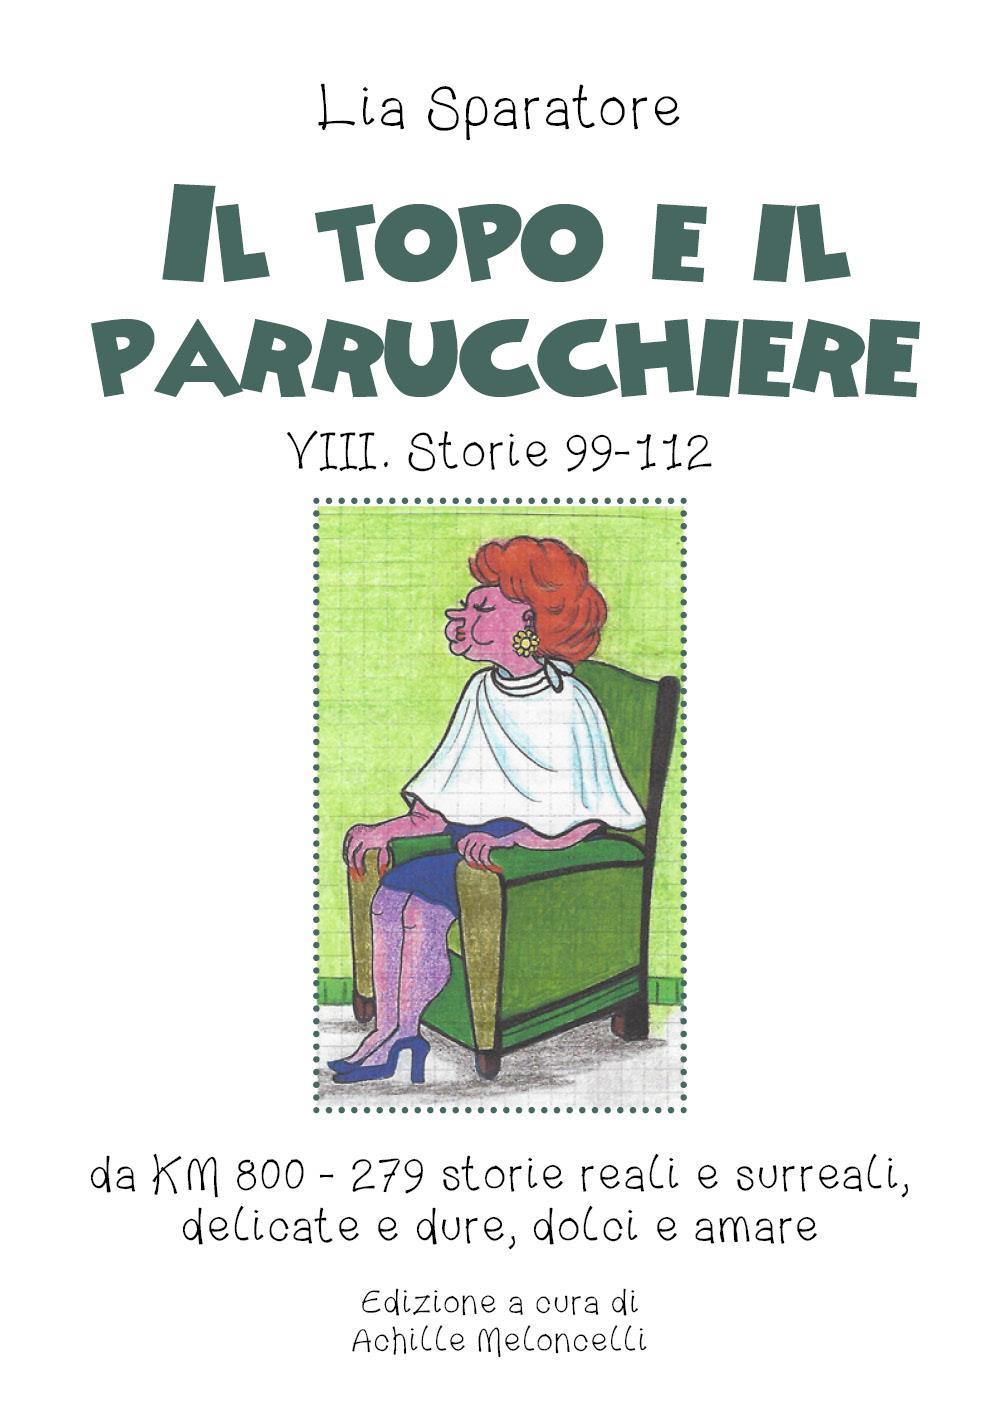 Il topo e il parrucchiere. VIII. Storie 99-112, da KM 800 - 279 storie reali e surreali, delicate e dure, dolci e amare